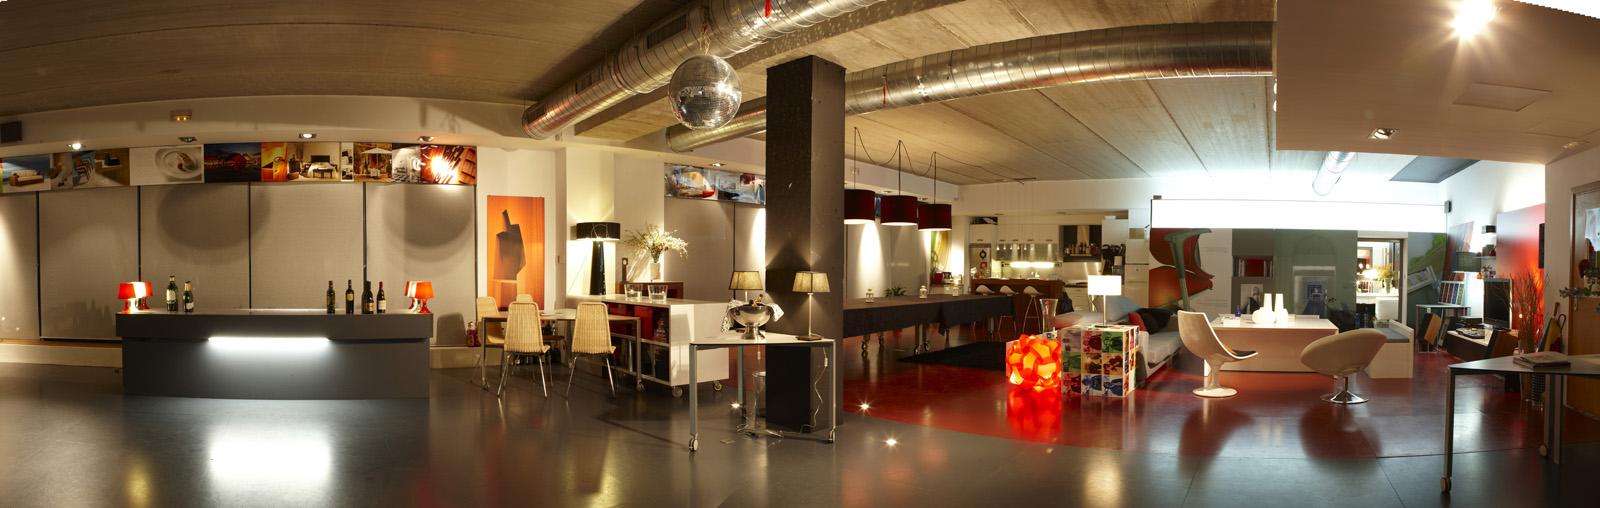 panoramica-showroom-arbat-bilbao